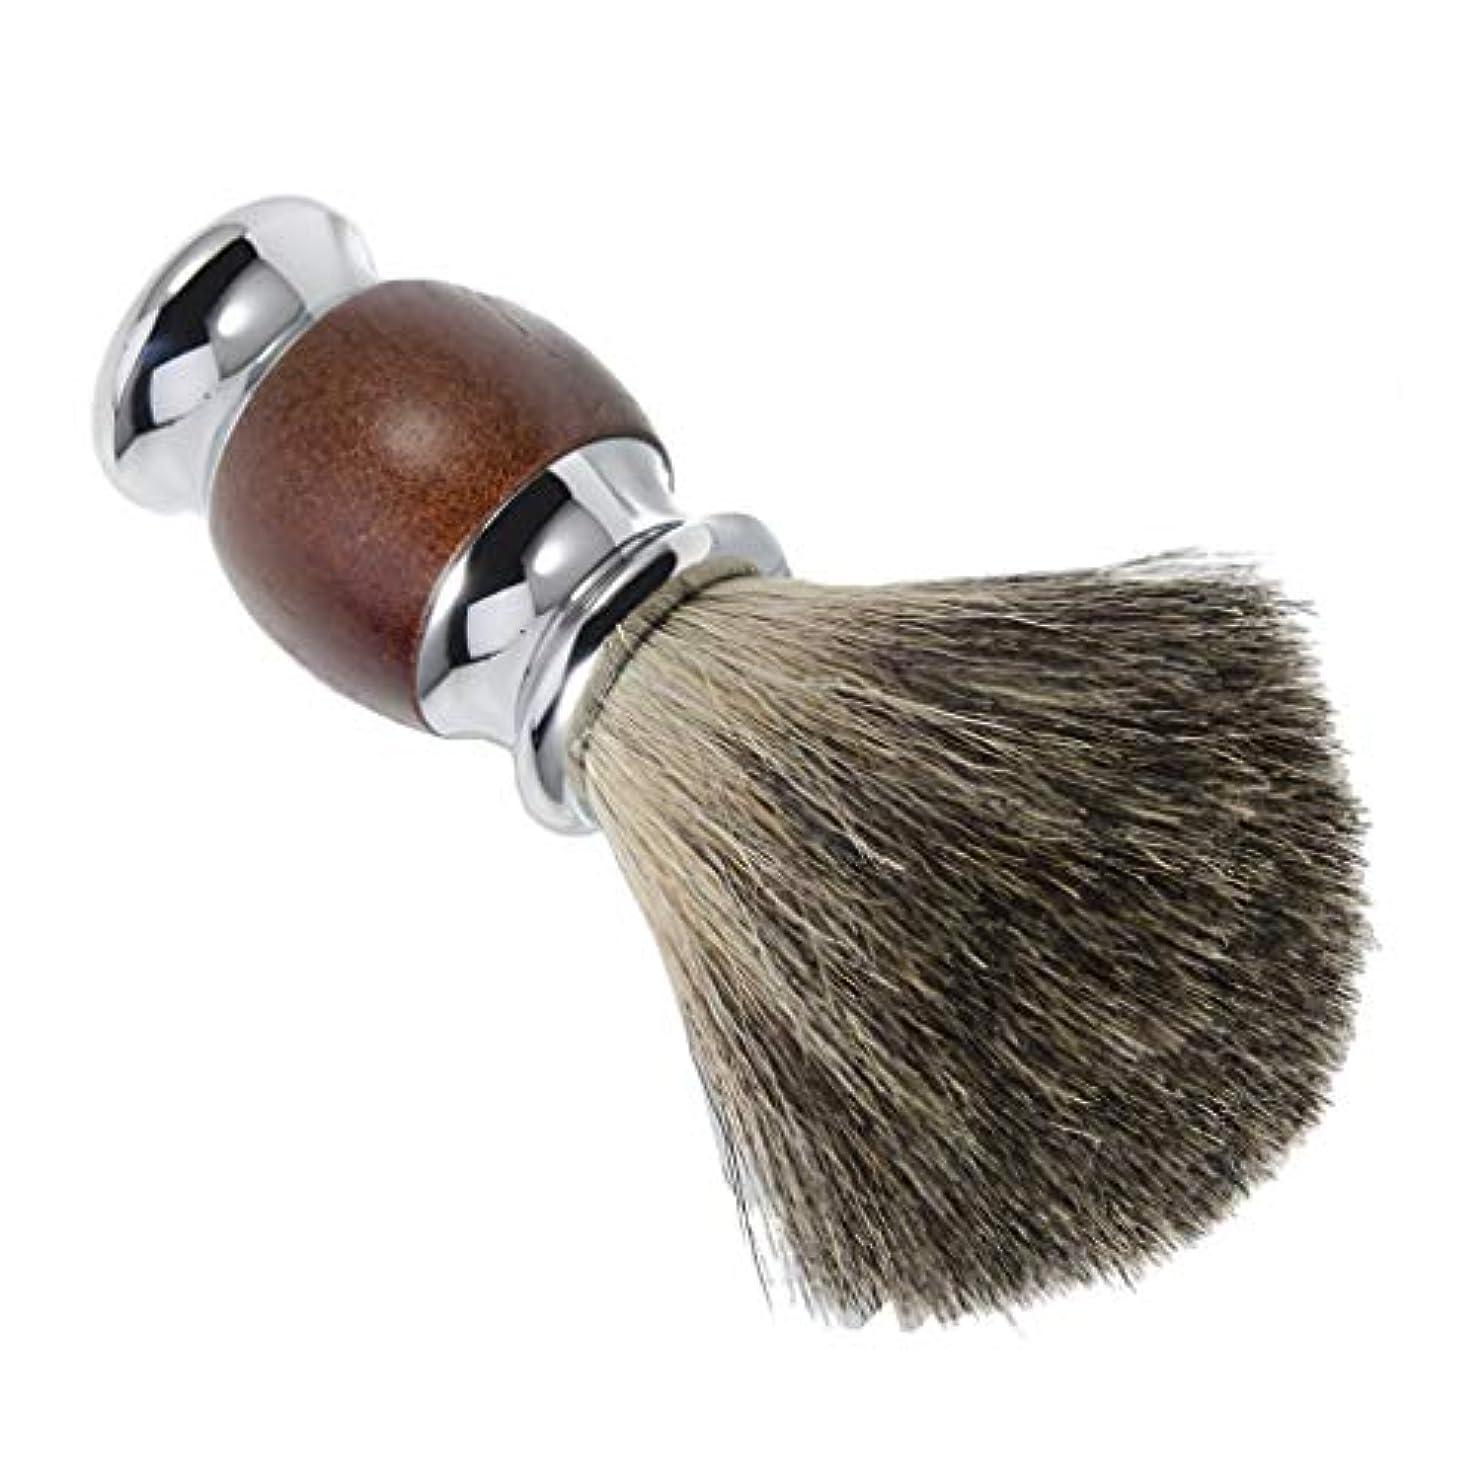 リーク東部習慣メンズ シェービングブラシ 木製ハンドル サロン 髭剃りツール 理容 洗顔 プレゼント